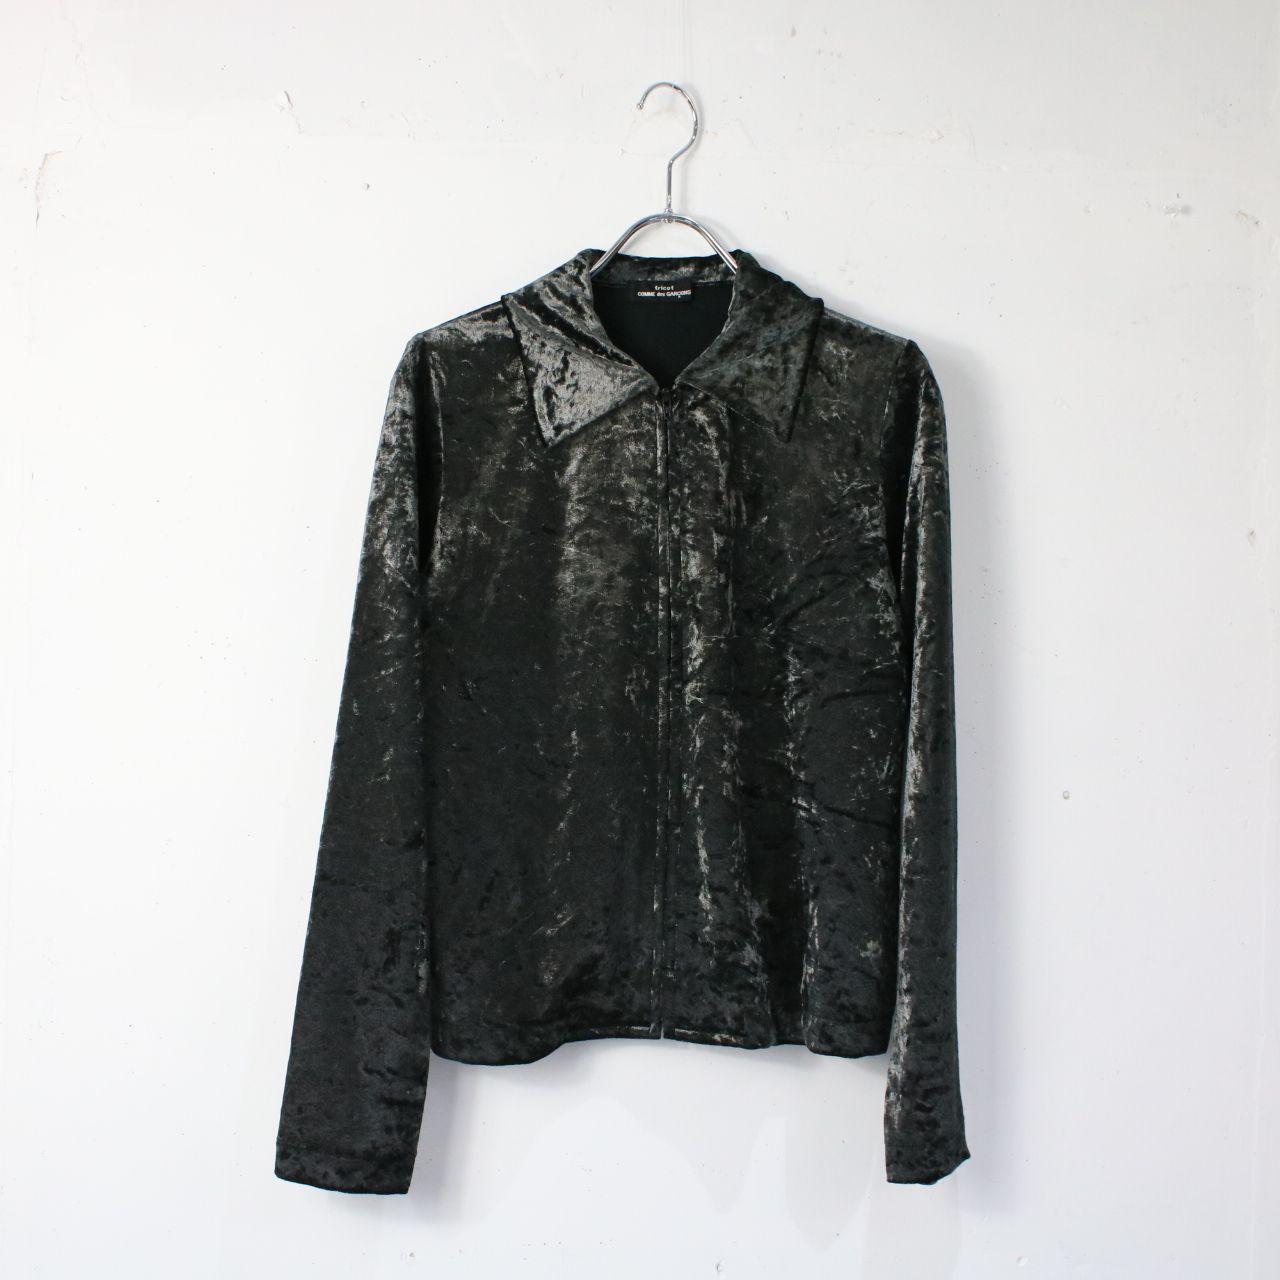 【美品】tricot COMME des GARCONS / トリココムデギャルソン | AD1992 90s 初期 | ベロアジップアップシャツ | - | メタリックブラック | レディース